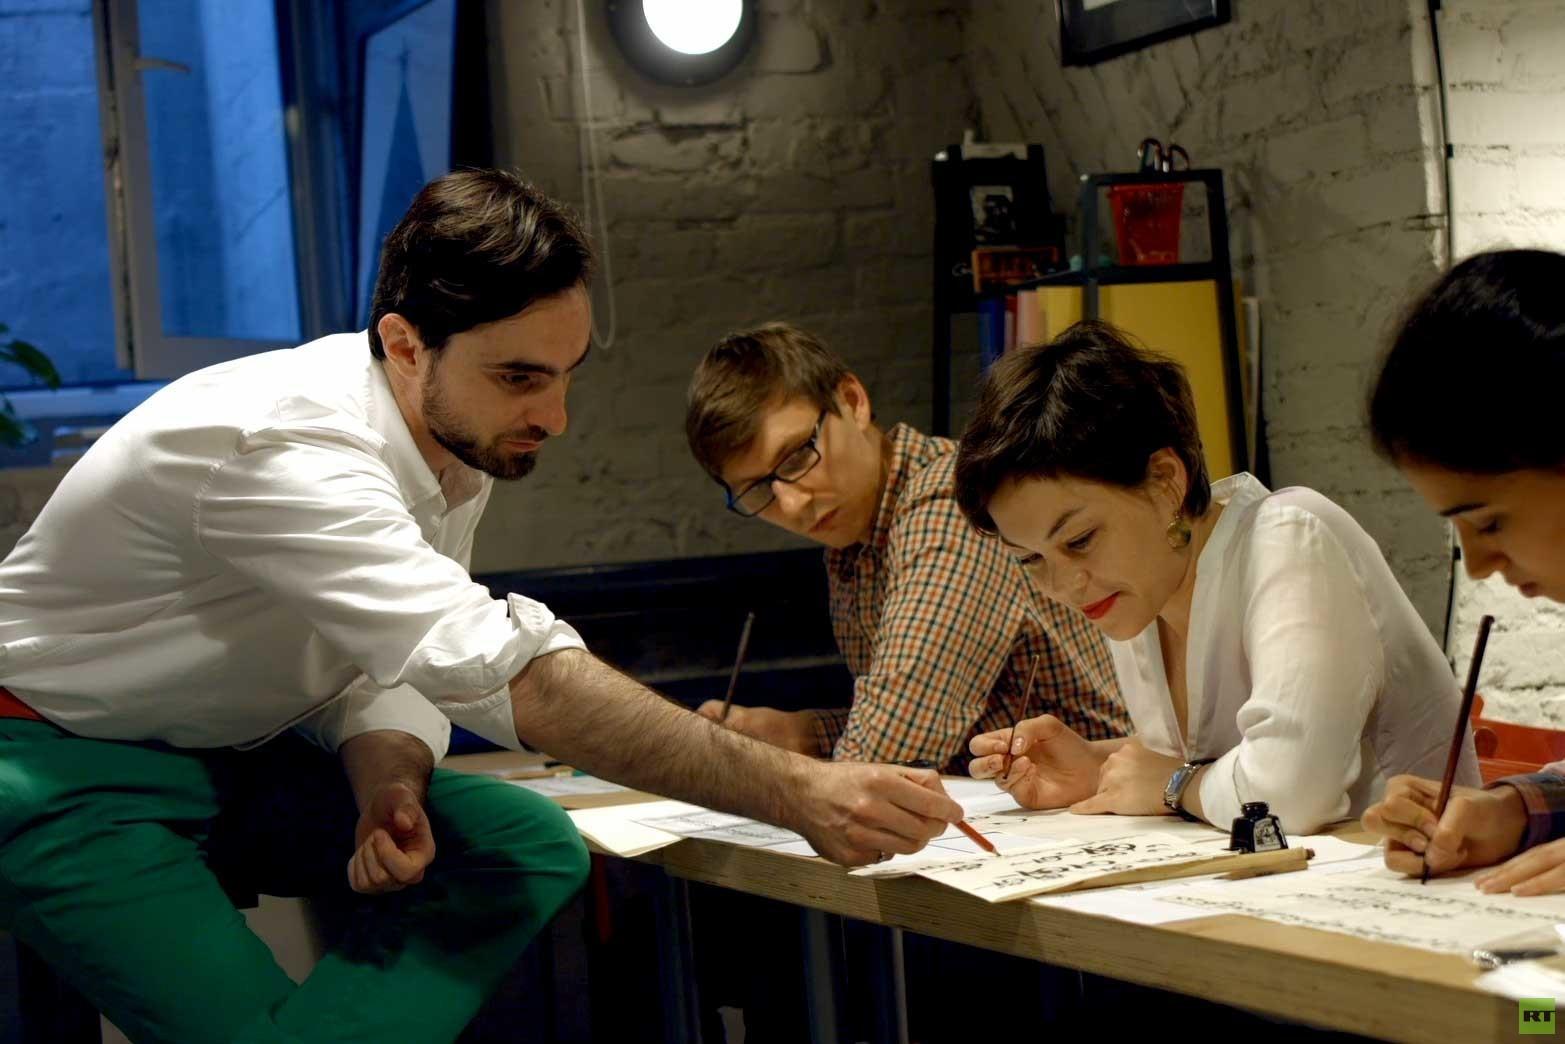 تعلم الخط العربي في موسكو: قصة أستاذ وطلابه